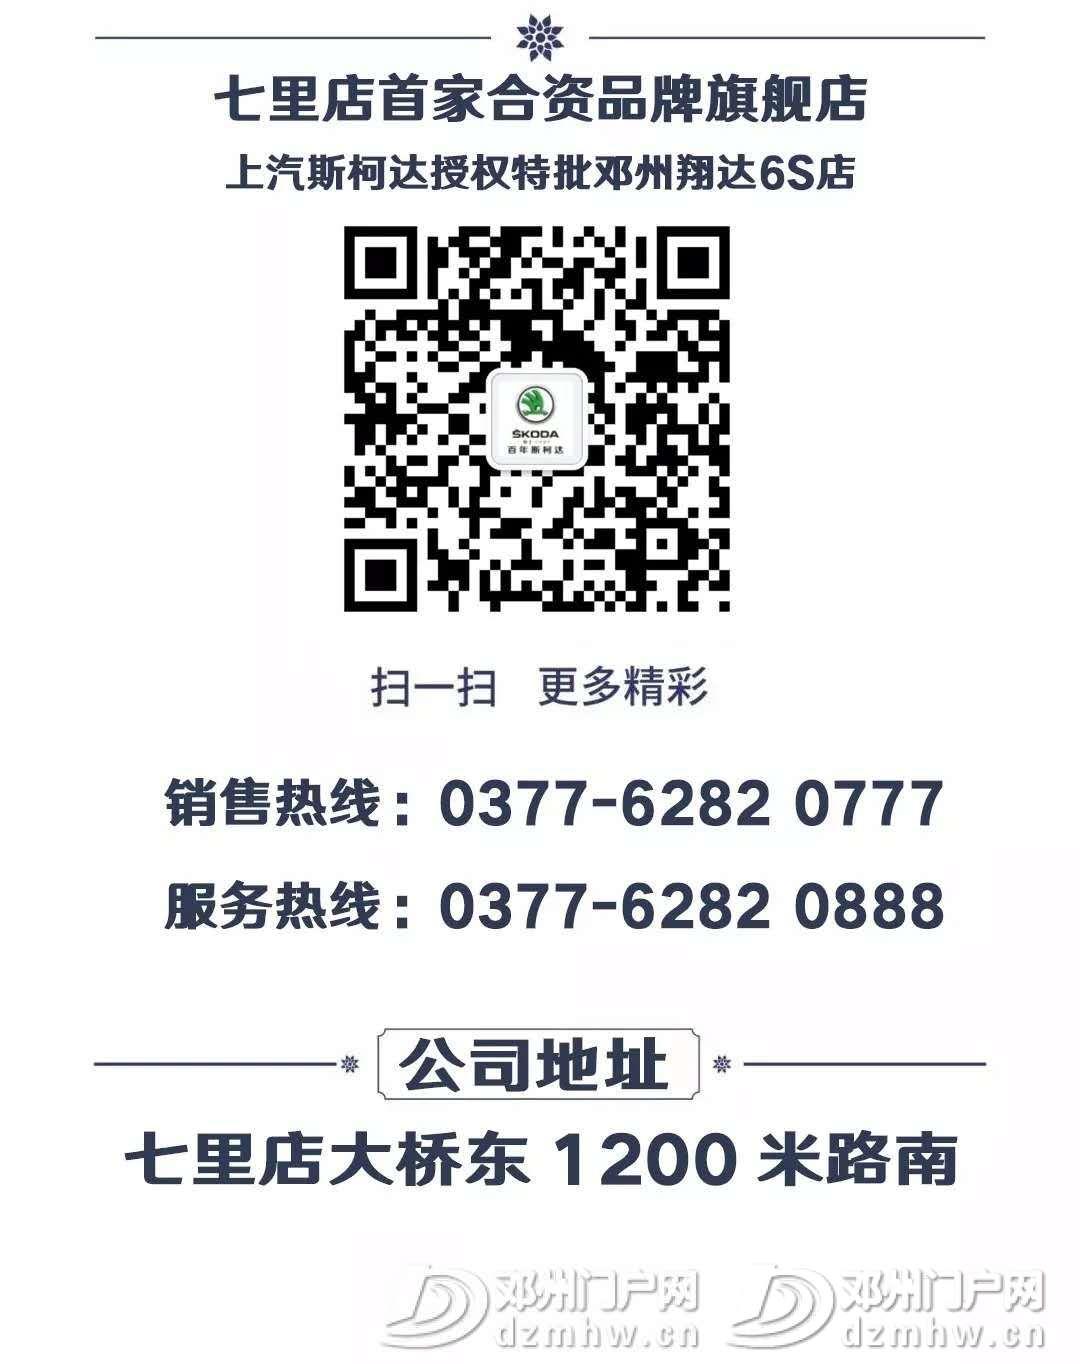 邓州市上汽斯柯达翔达店  #户外拓展 - 邓州门户网|邓州网 - 微信图片_20200624102909.jpg